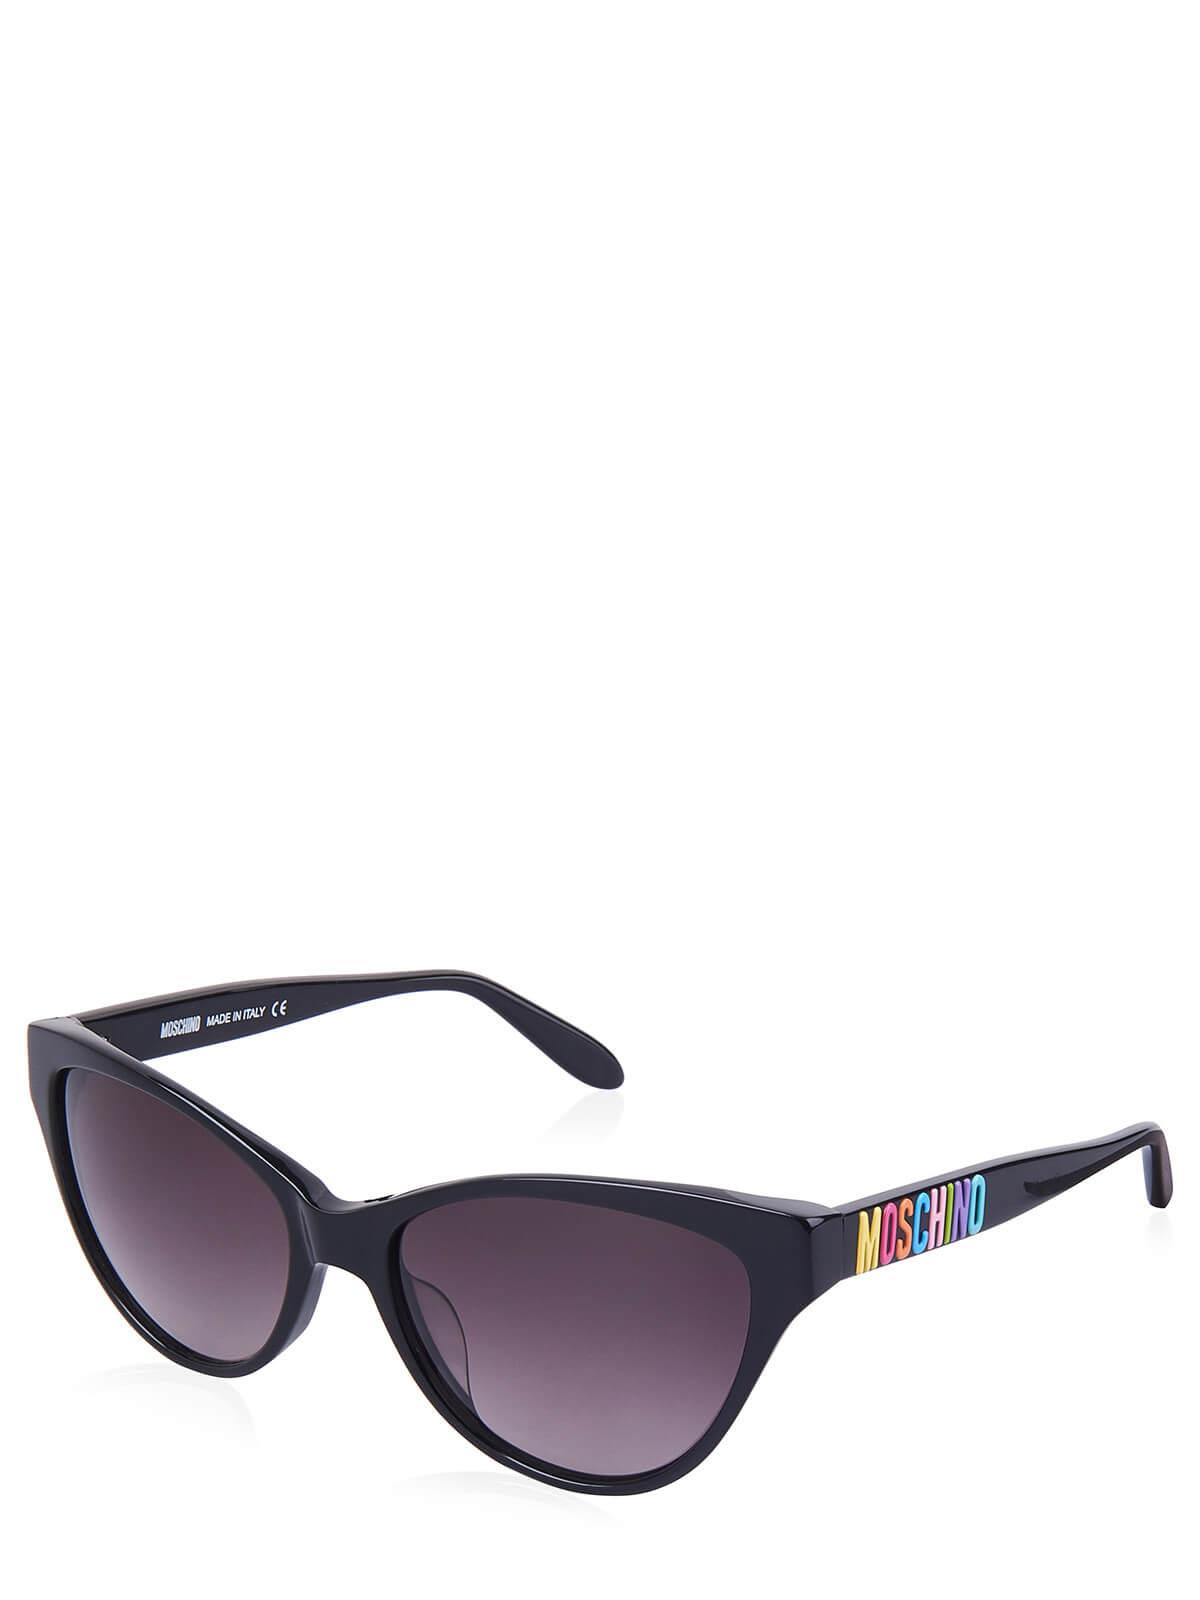 45003dabe7 Moschino sunglasses MO781S01